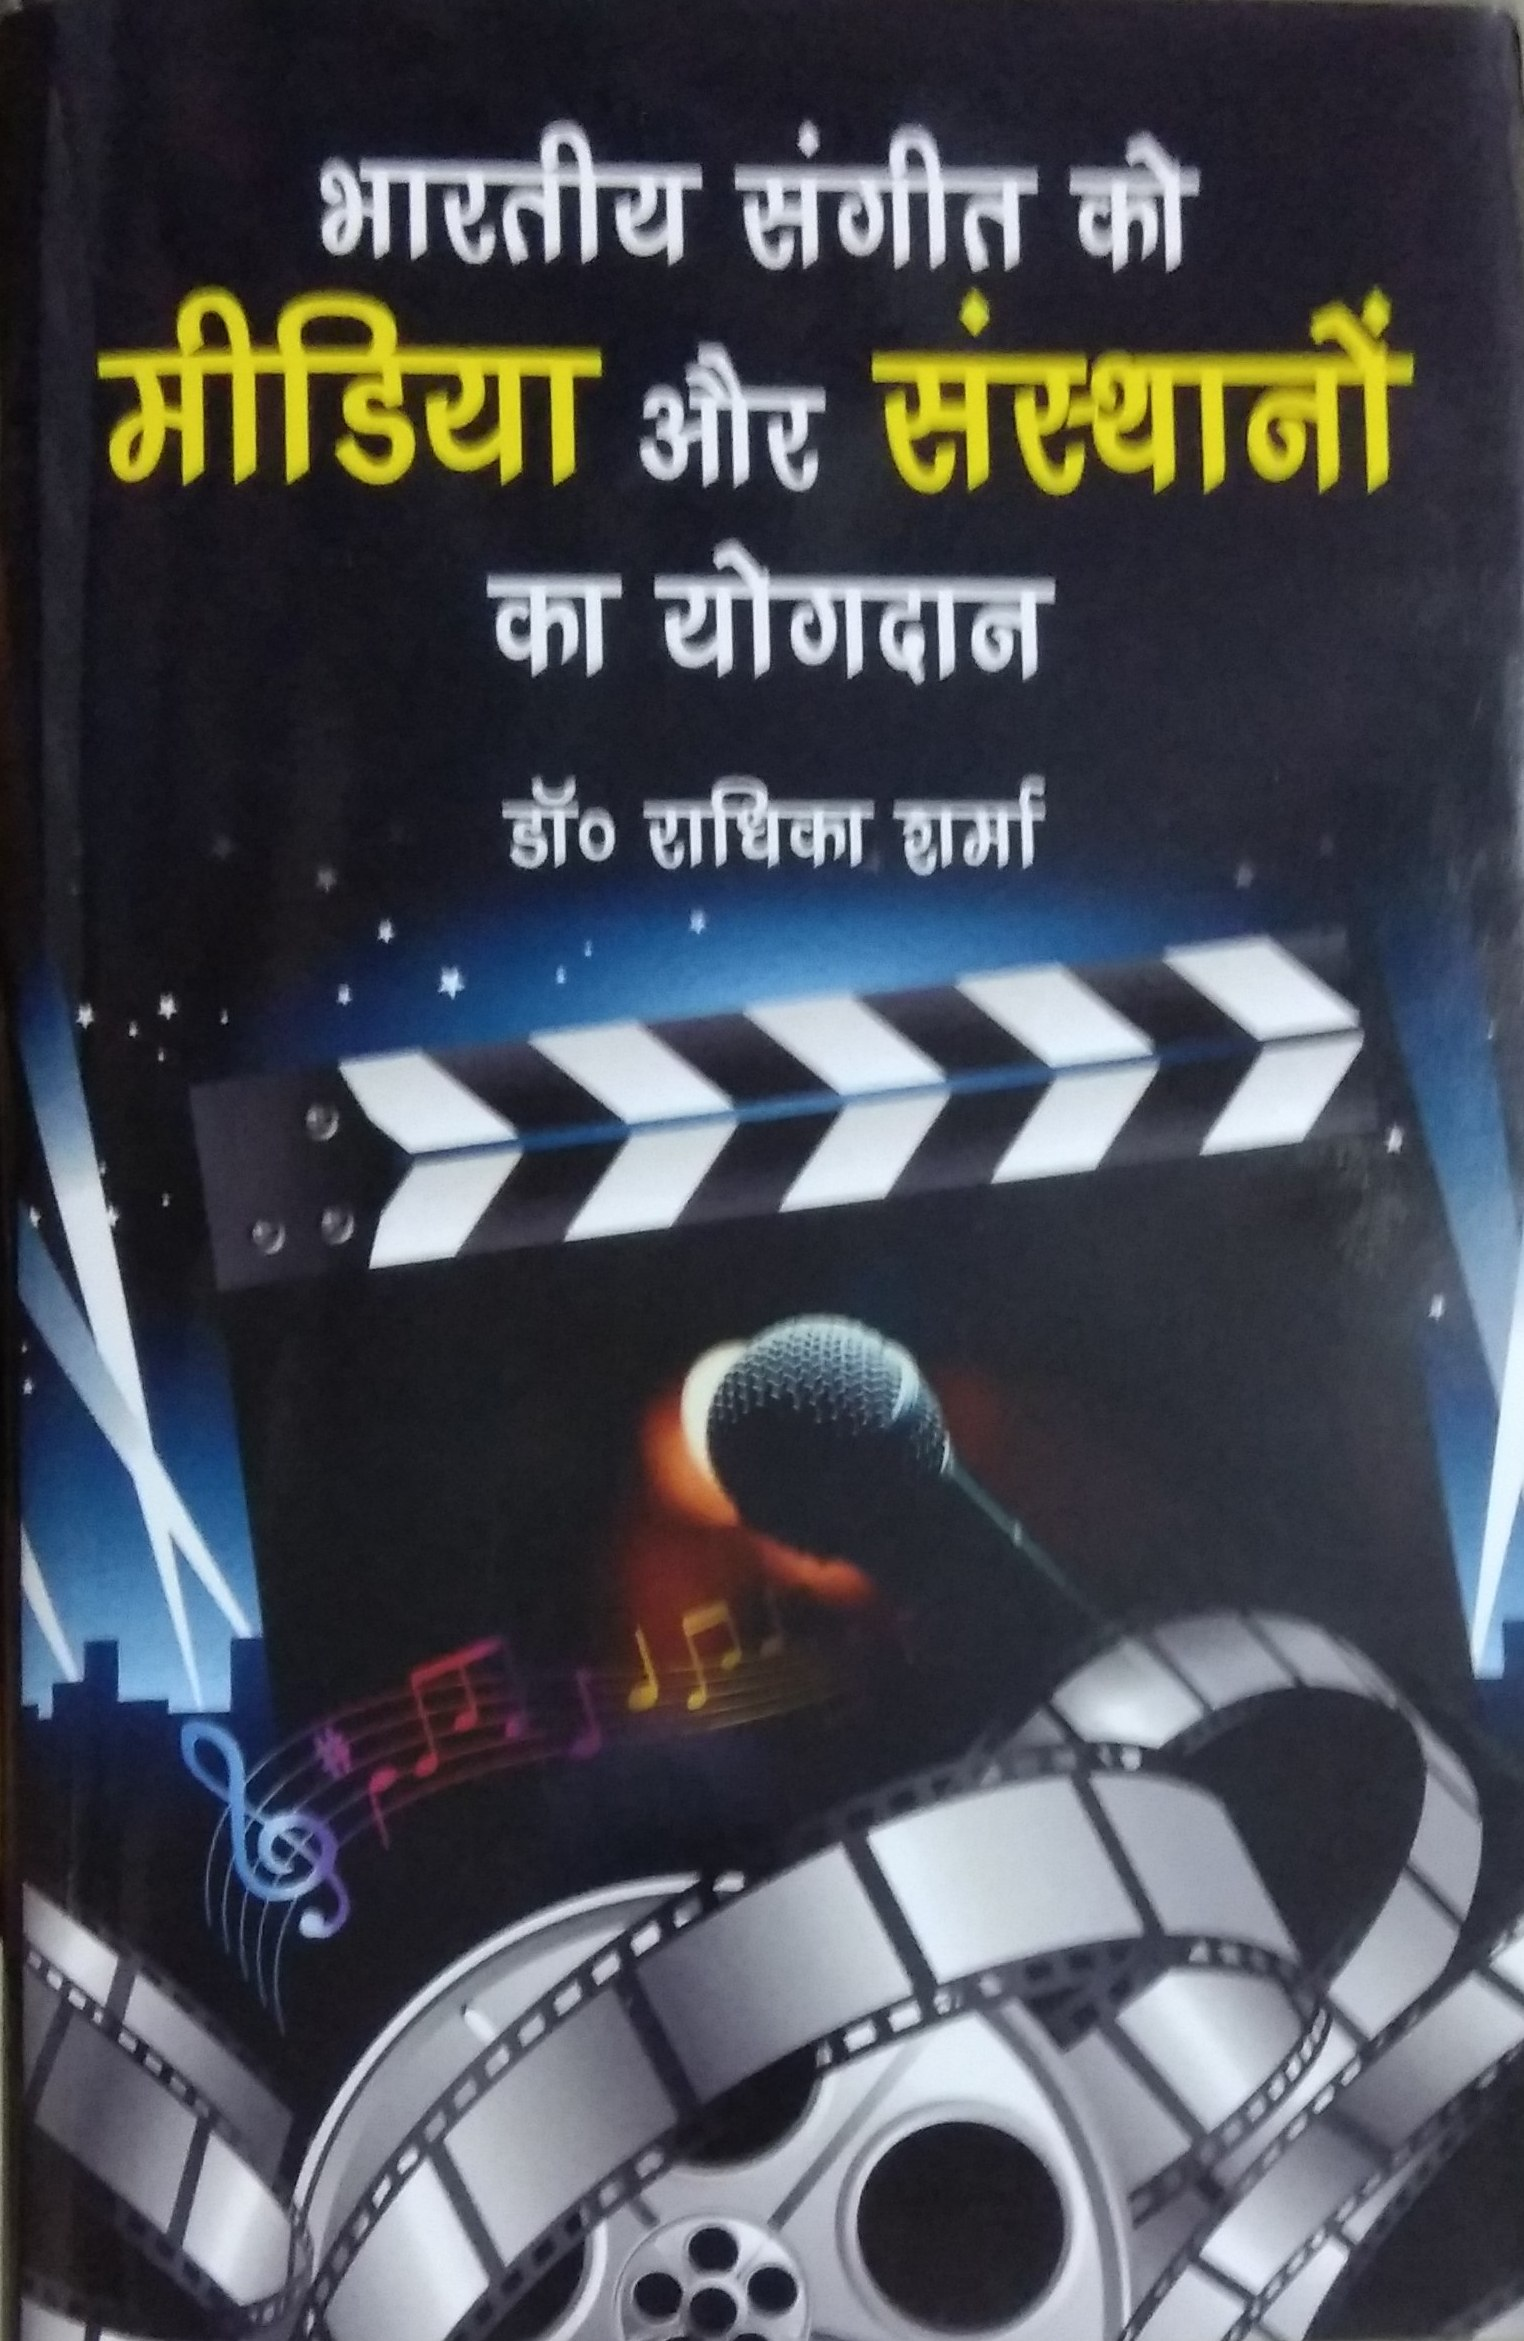 Bharatiya Sangeet ko Media aur Sansthano ka Yogdan…